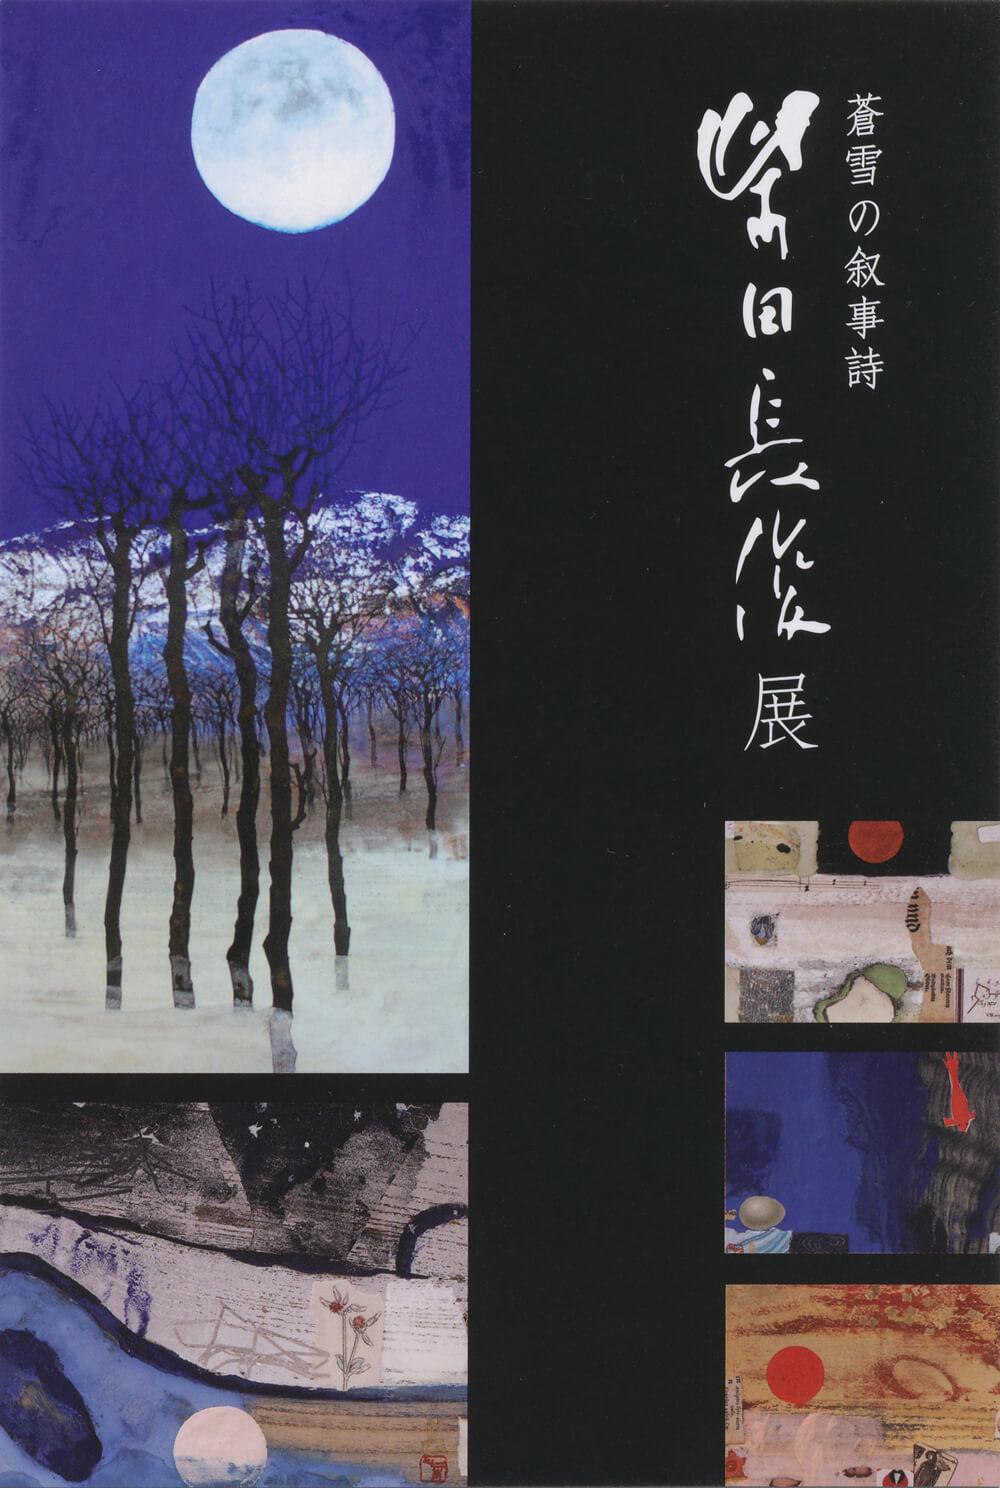 2009年6月12日から開催の「蒼雪の叙事詩 柴田 長俊 展」のDM画像